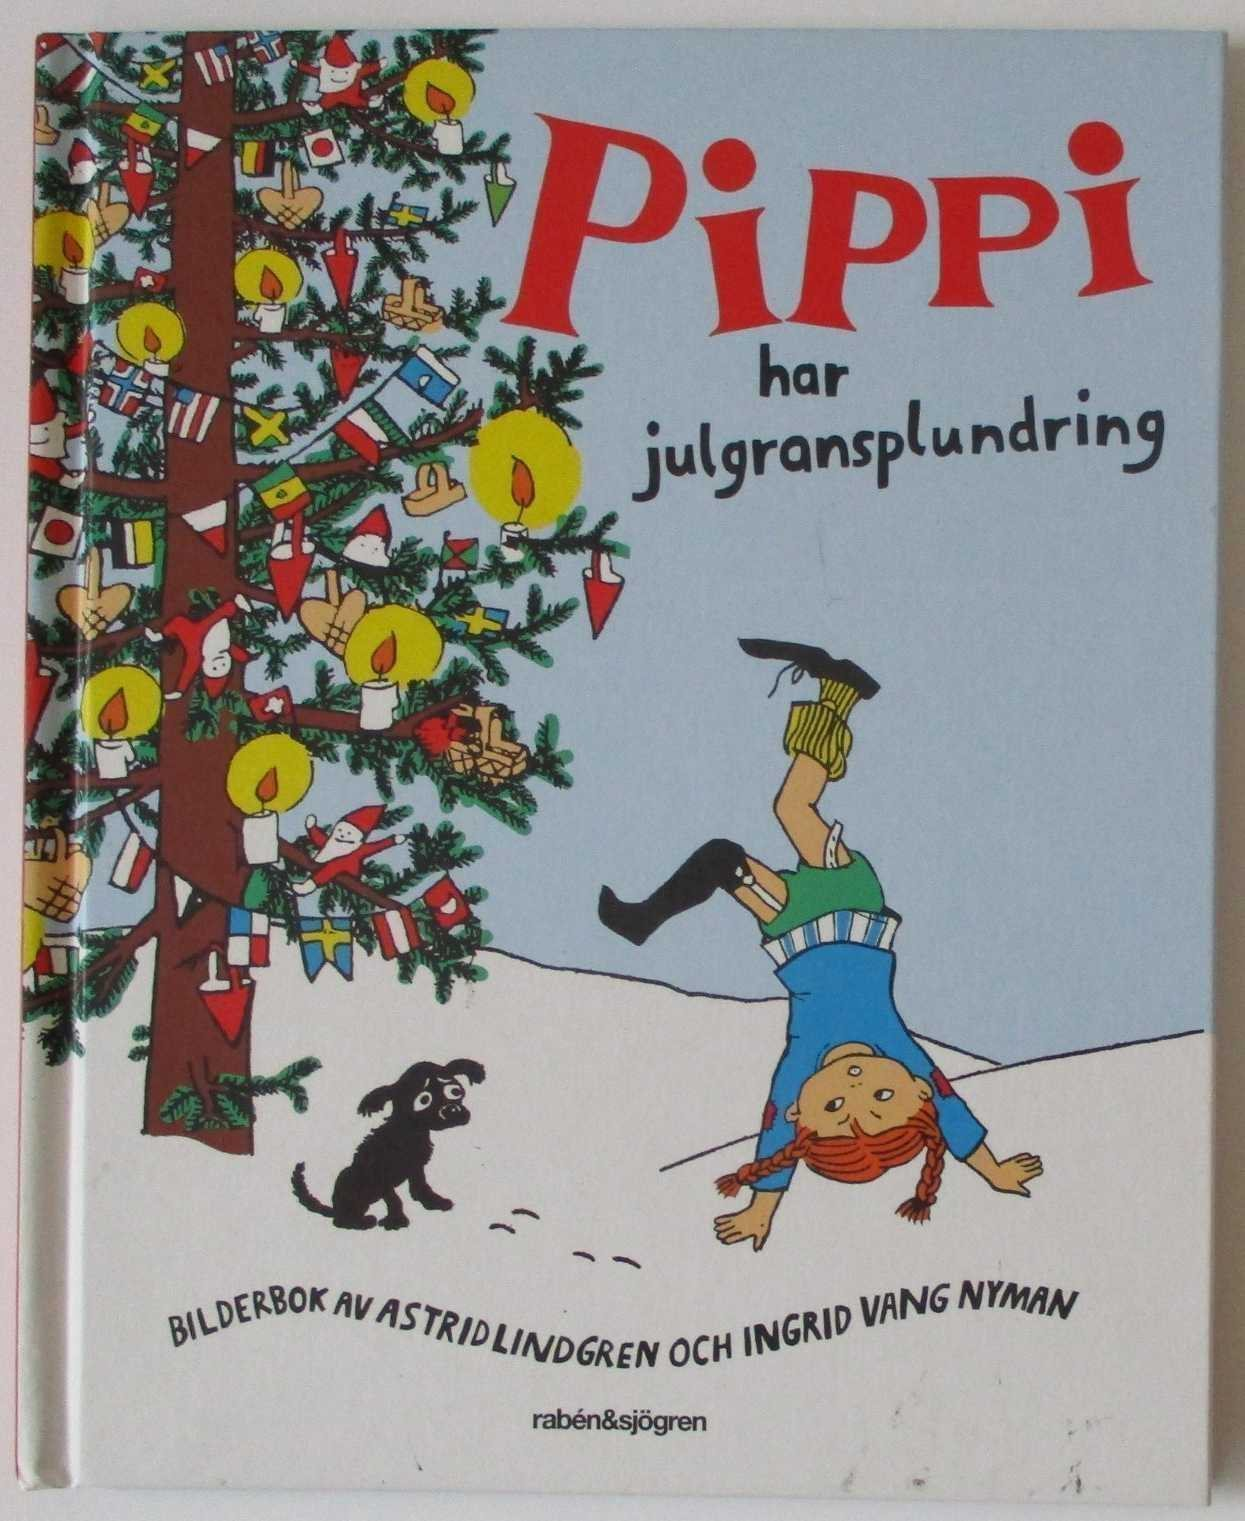 pippi har julgransplundring